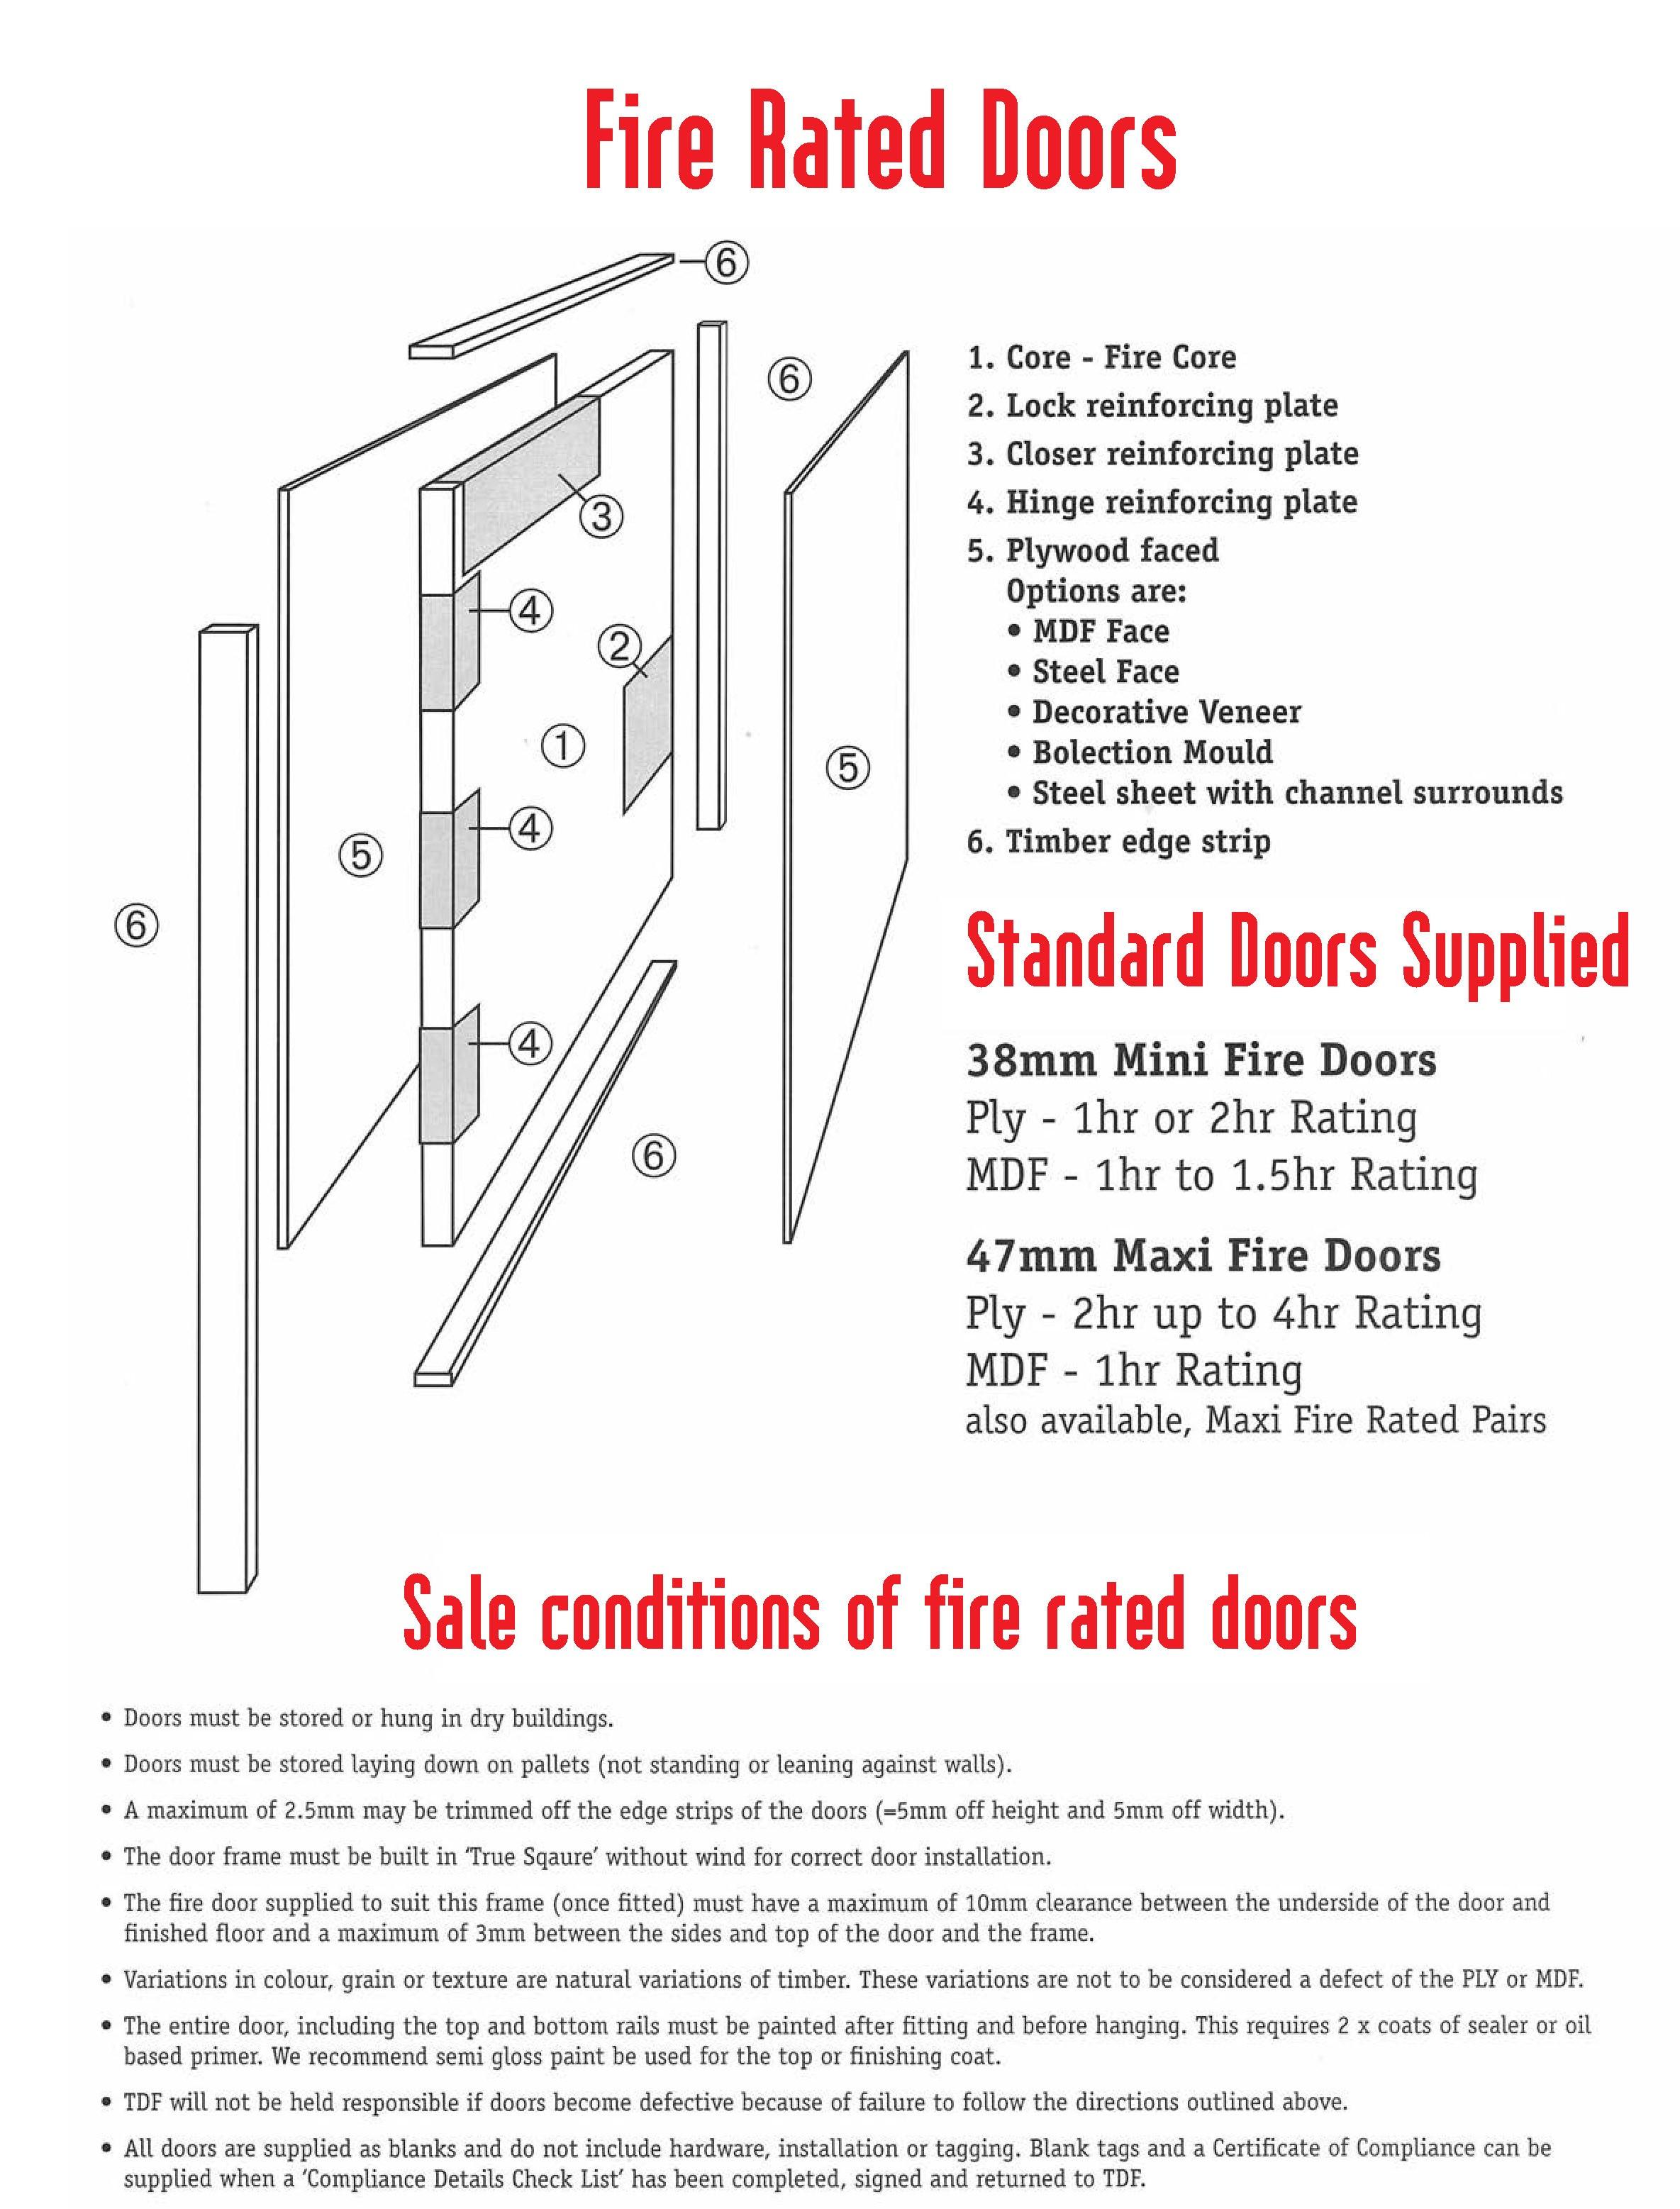 Frame and Fire Door Terminology - Surefab Doors & Frames